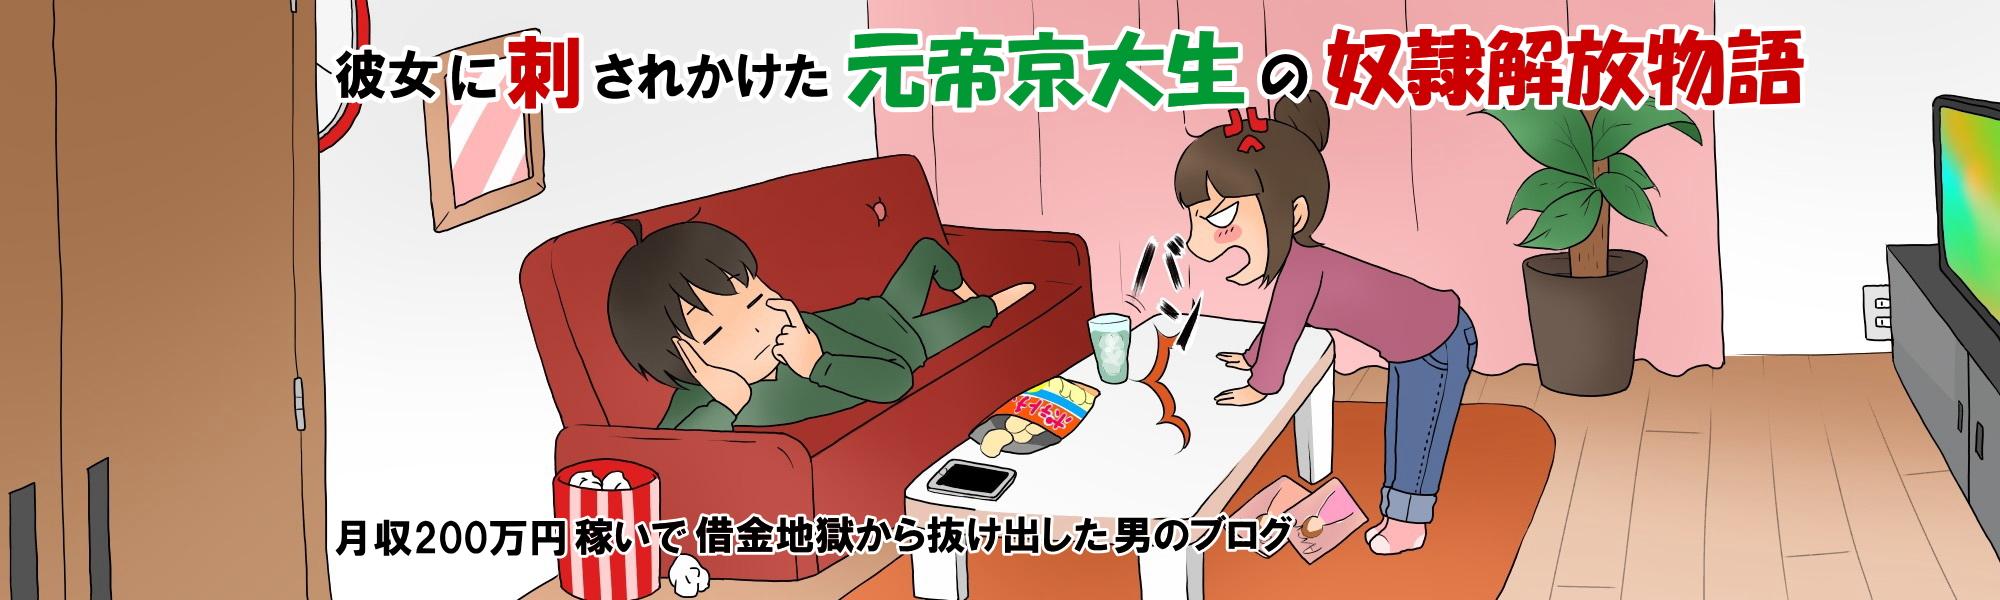 ネットビジネスで稼ぐ【元帝京大生の物語】